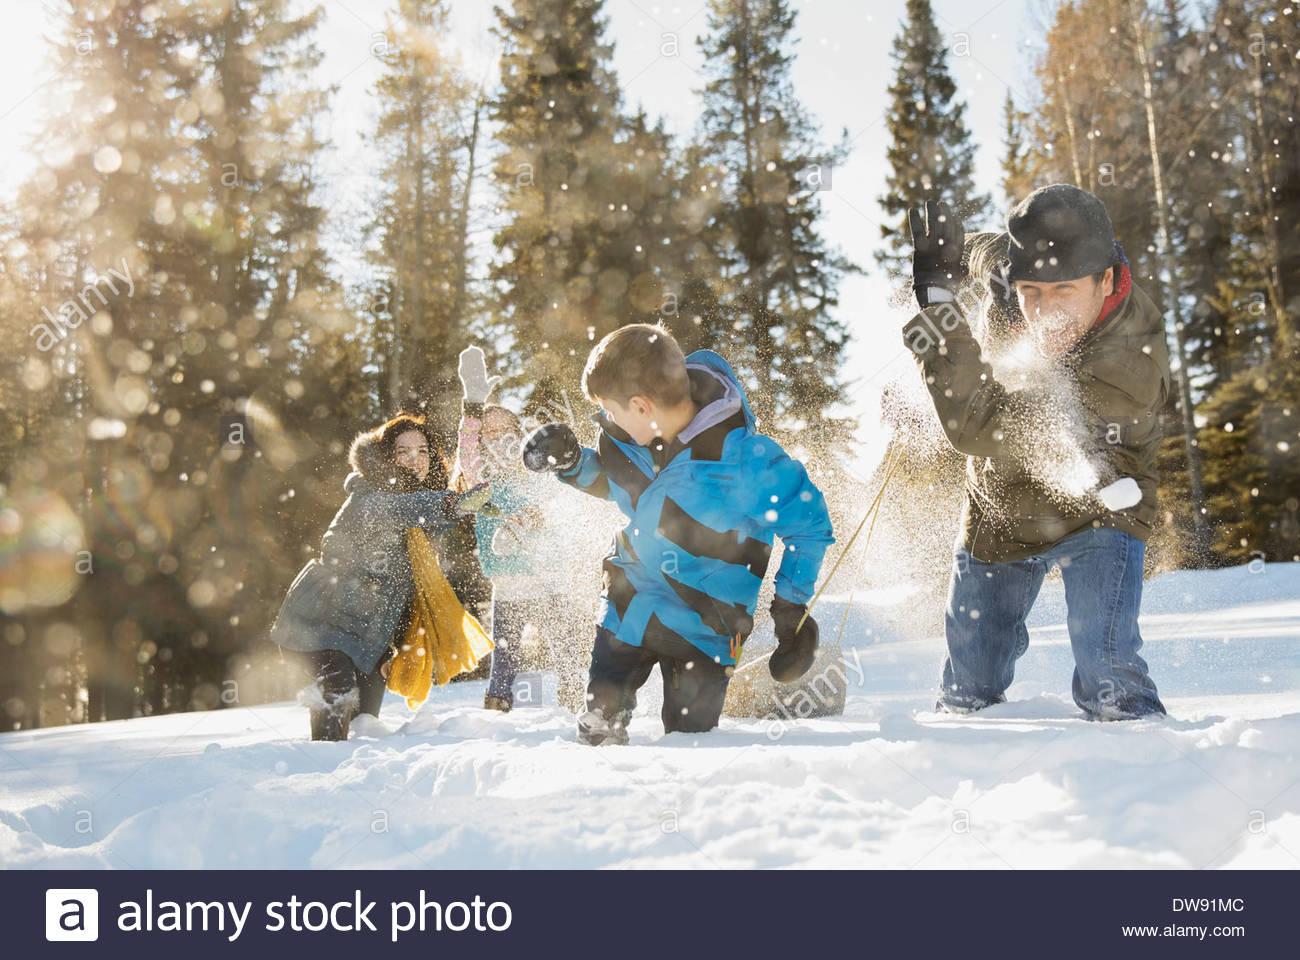 Ayant de la famille à l'extérieur de boules de neige Photo Stock